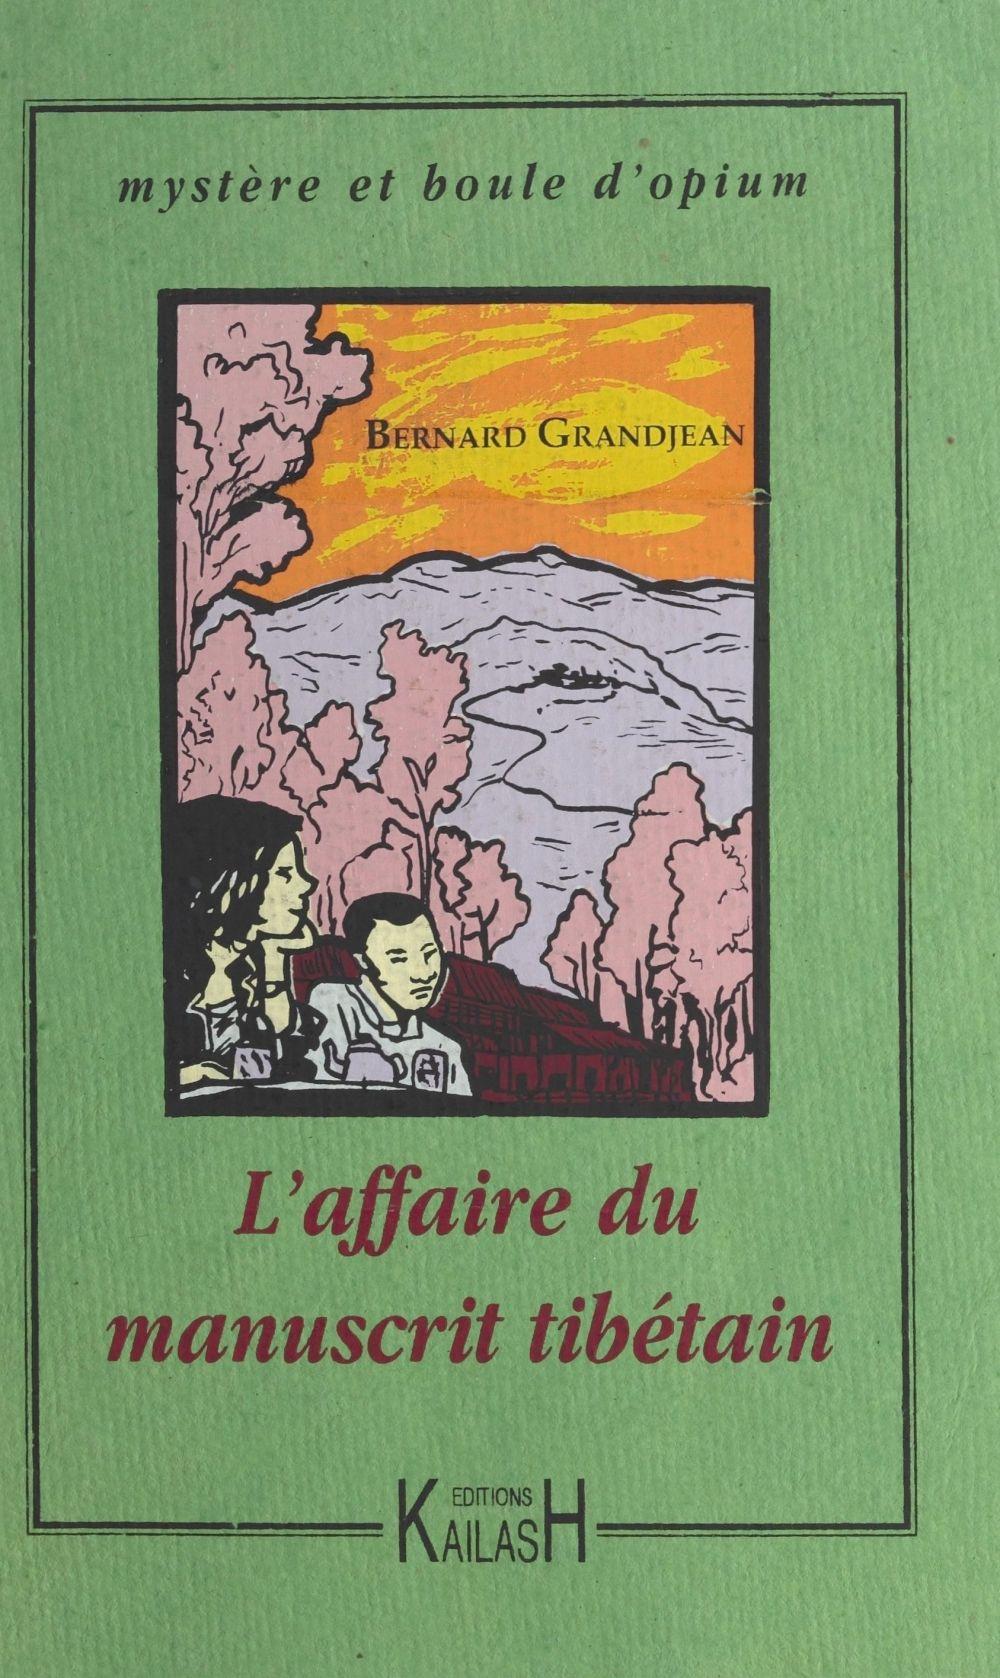 L'affaire du manuscrit tibetain